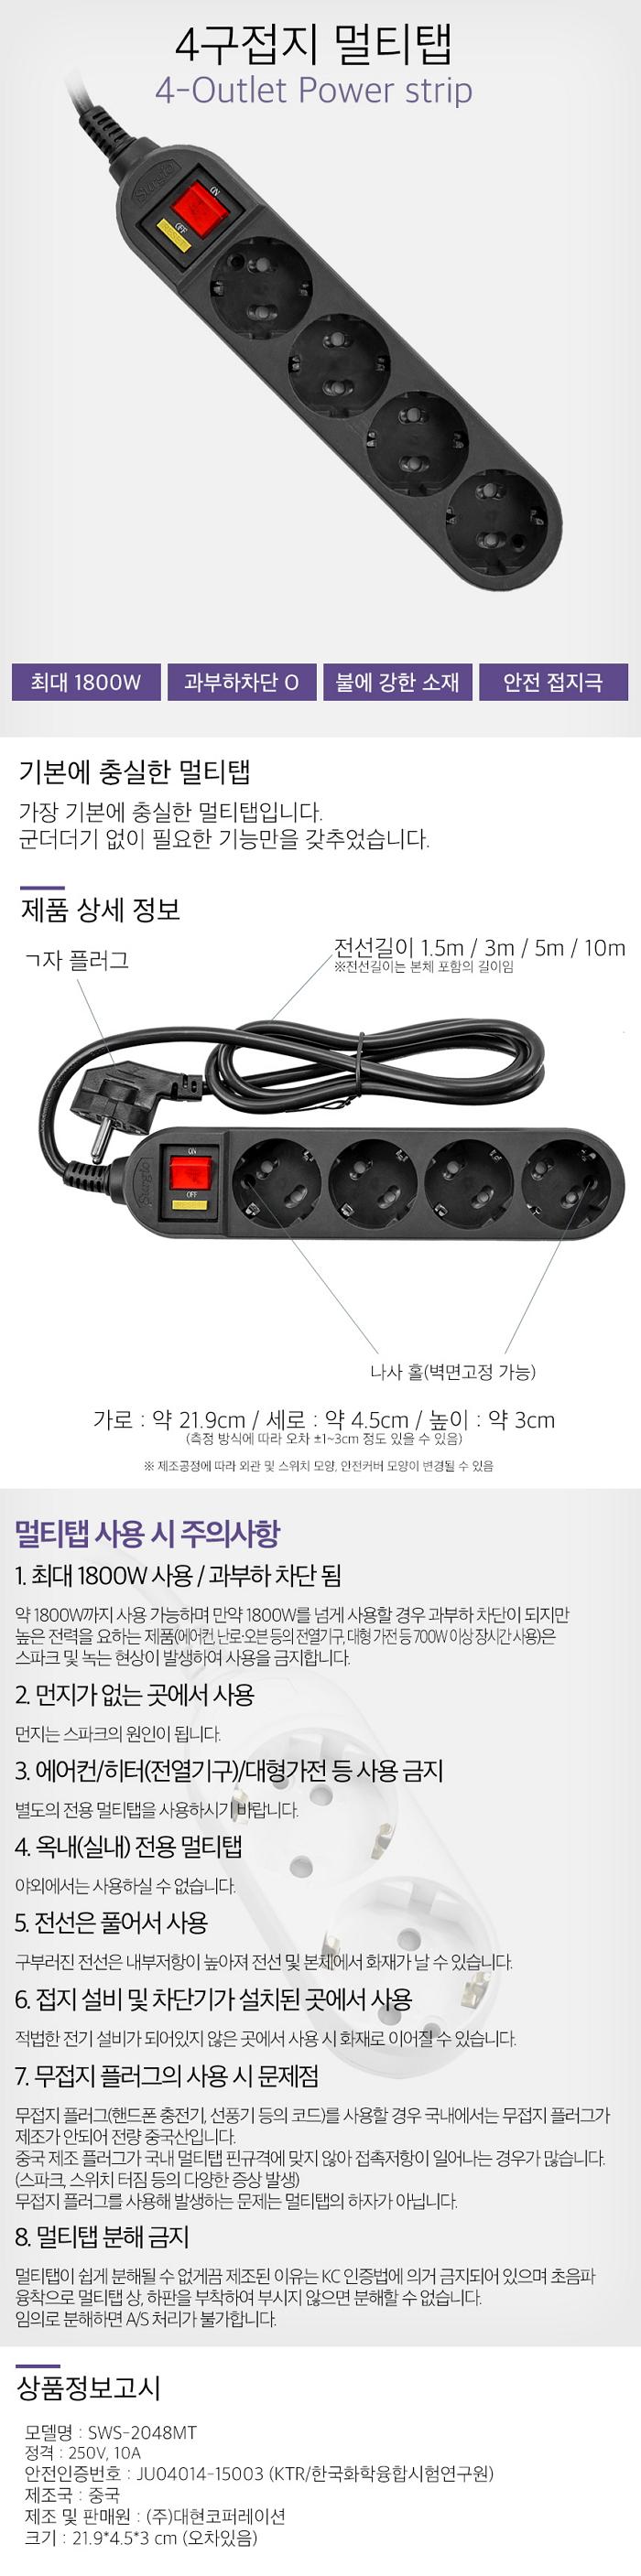 대현코퍼레이션 써지오 5구 10A 메인 스위치 멀티탭 신형 (1.5m)